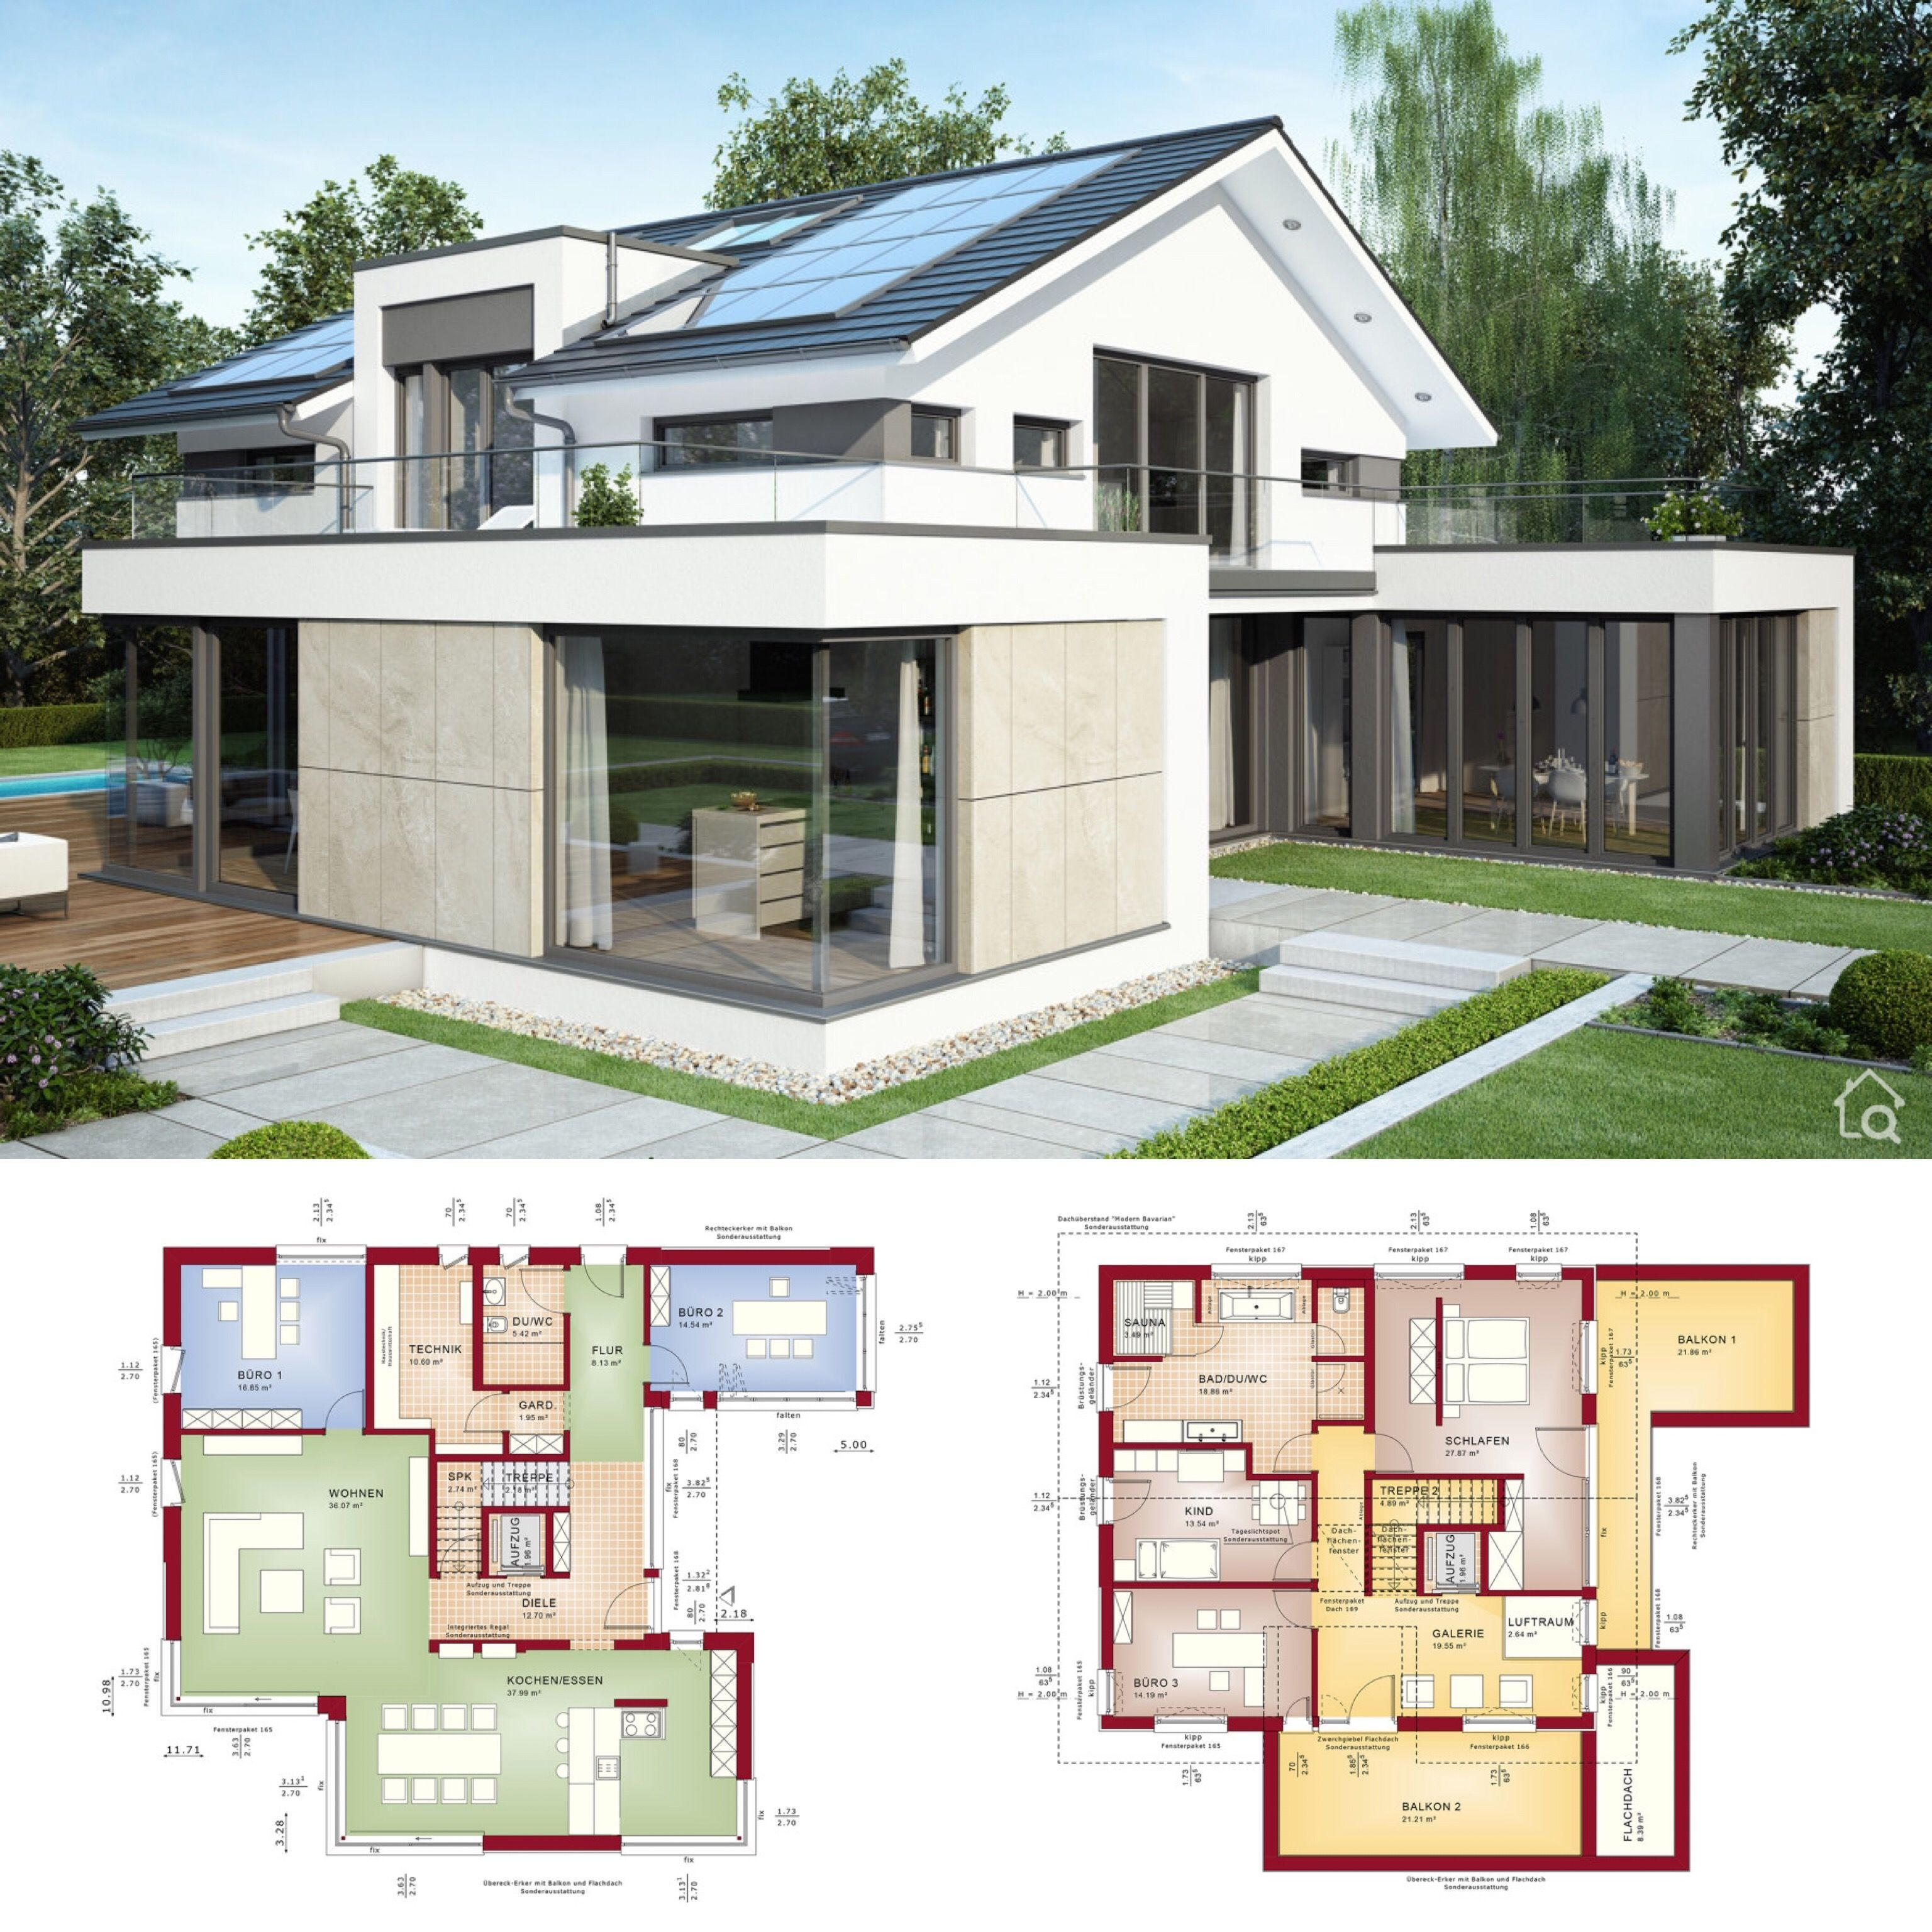 Modernes Design Haus mit Satteldach Architektur & 6 Zimmer